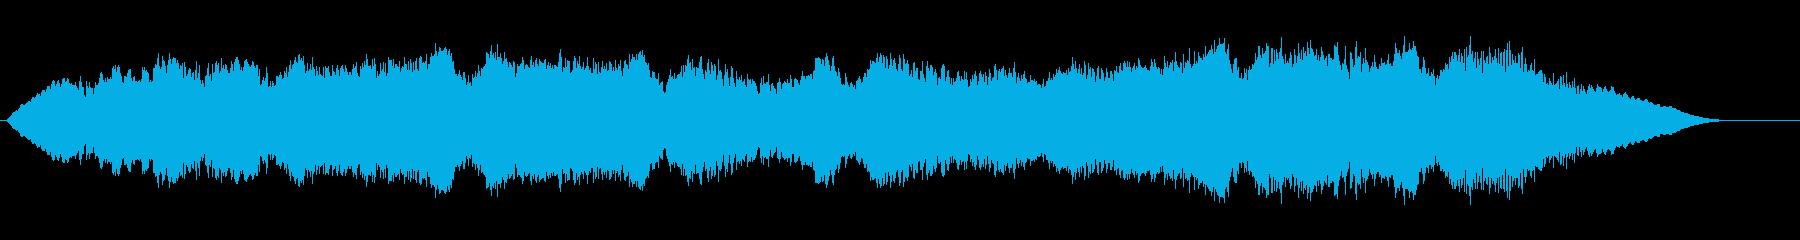 背景音 不穏の再生済みの波形